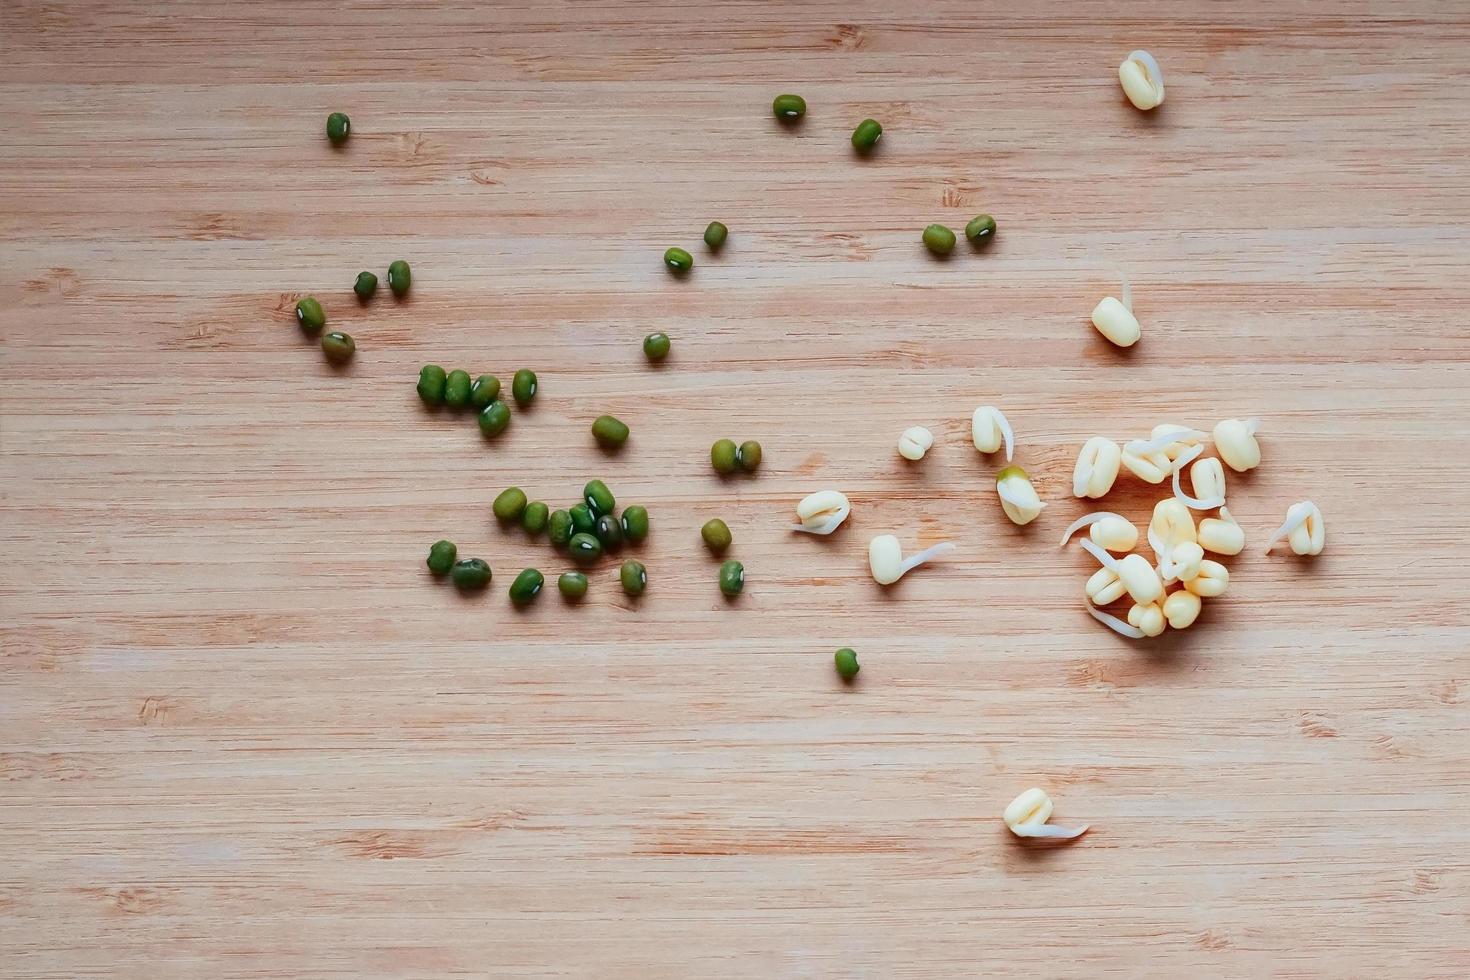 mungbonen en hun spruiten op tafel, bovenaanzicht foto